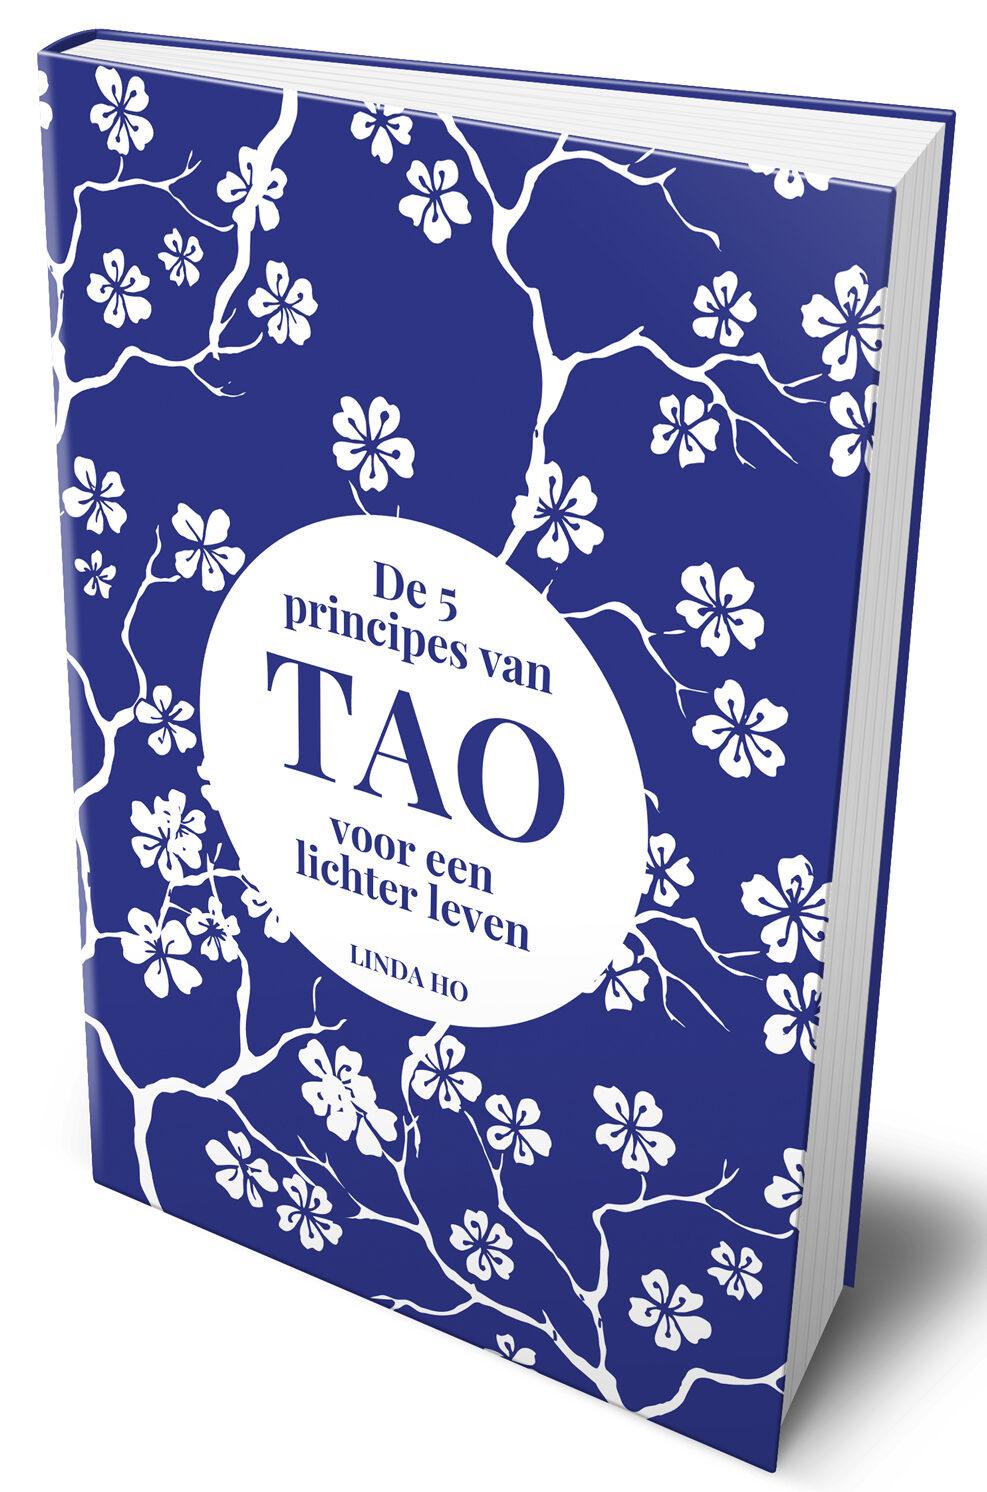 5 Principes van Tao voor een Lichter Leven